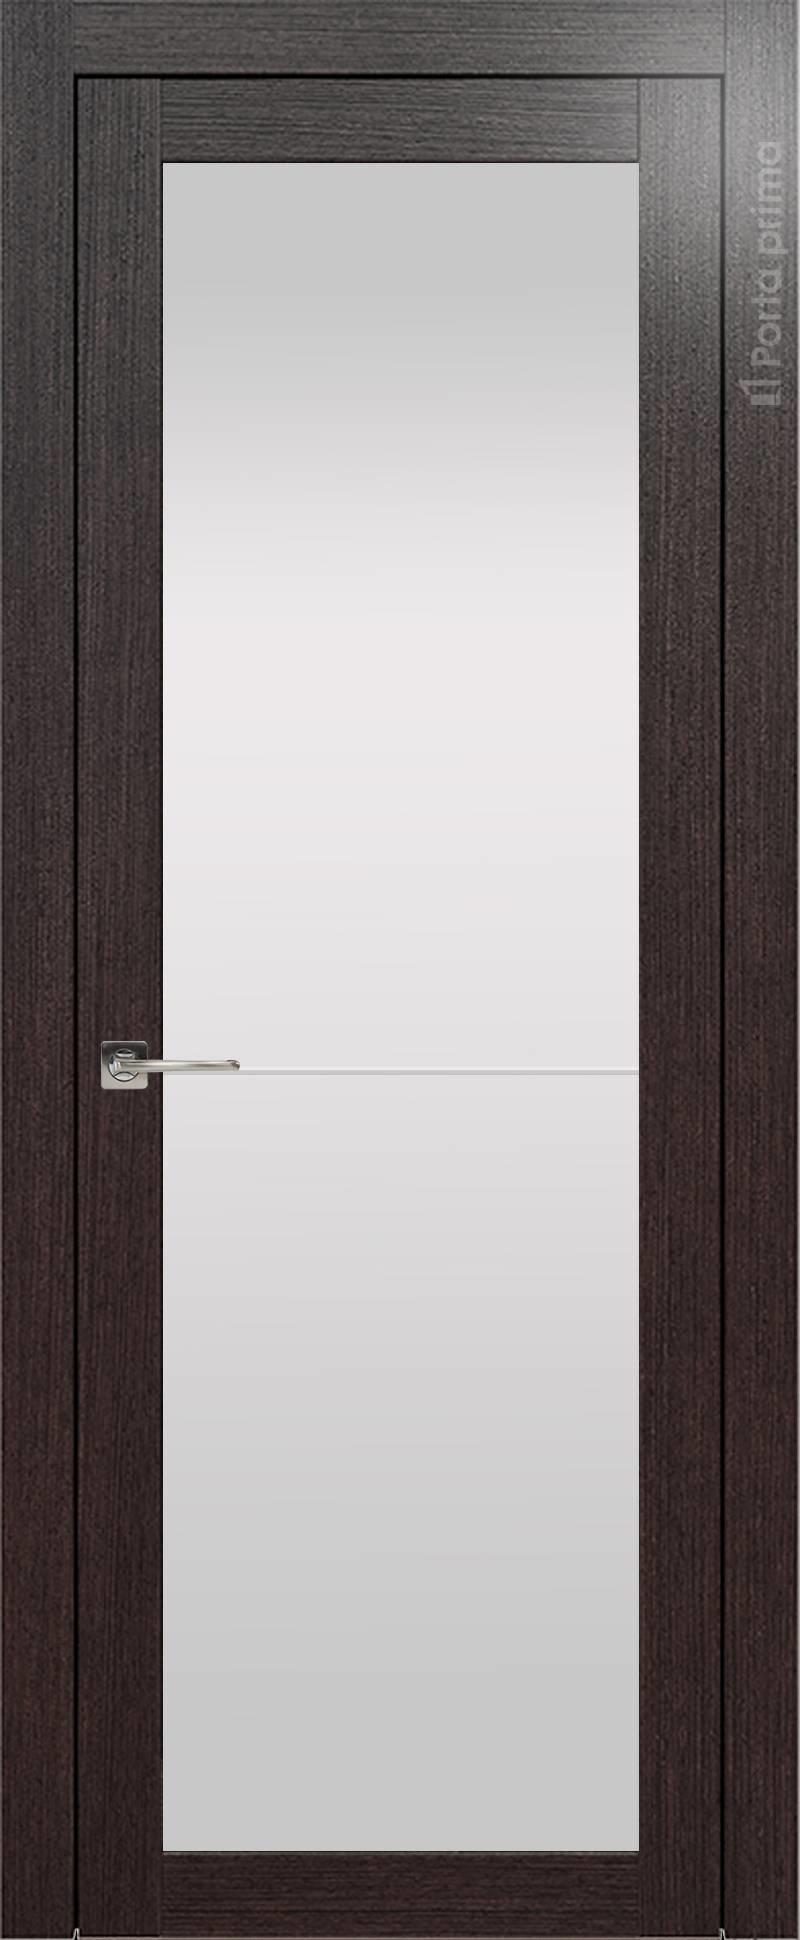 Tivoli З-2 цвет - Венге Шоколад Со стеклом (ДО)